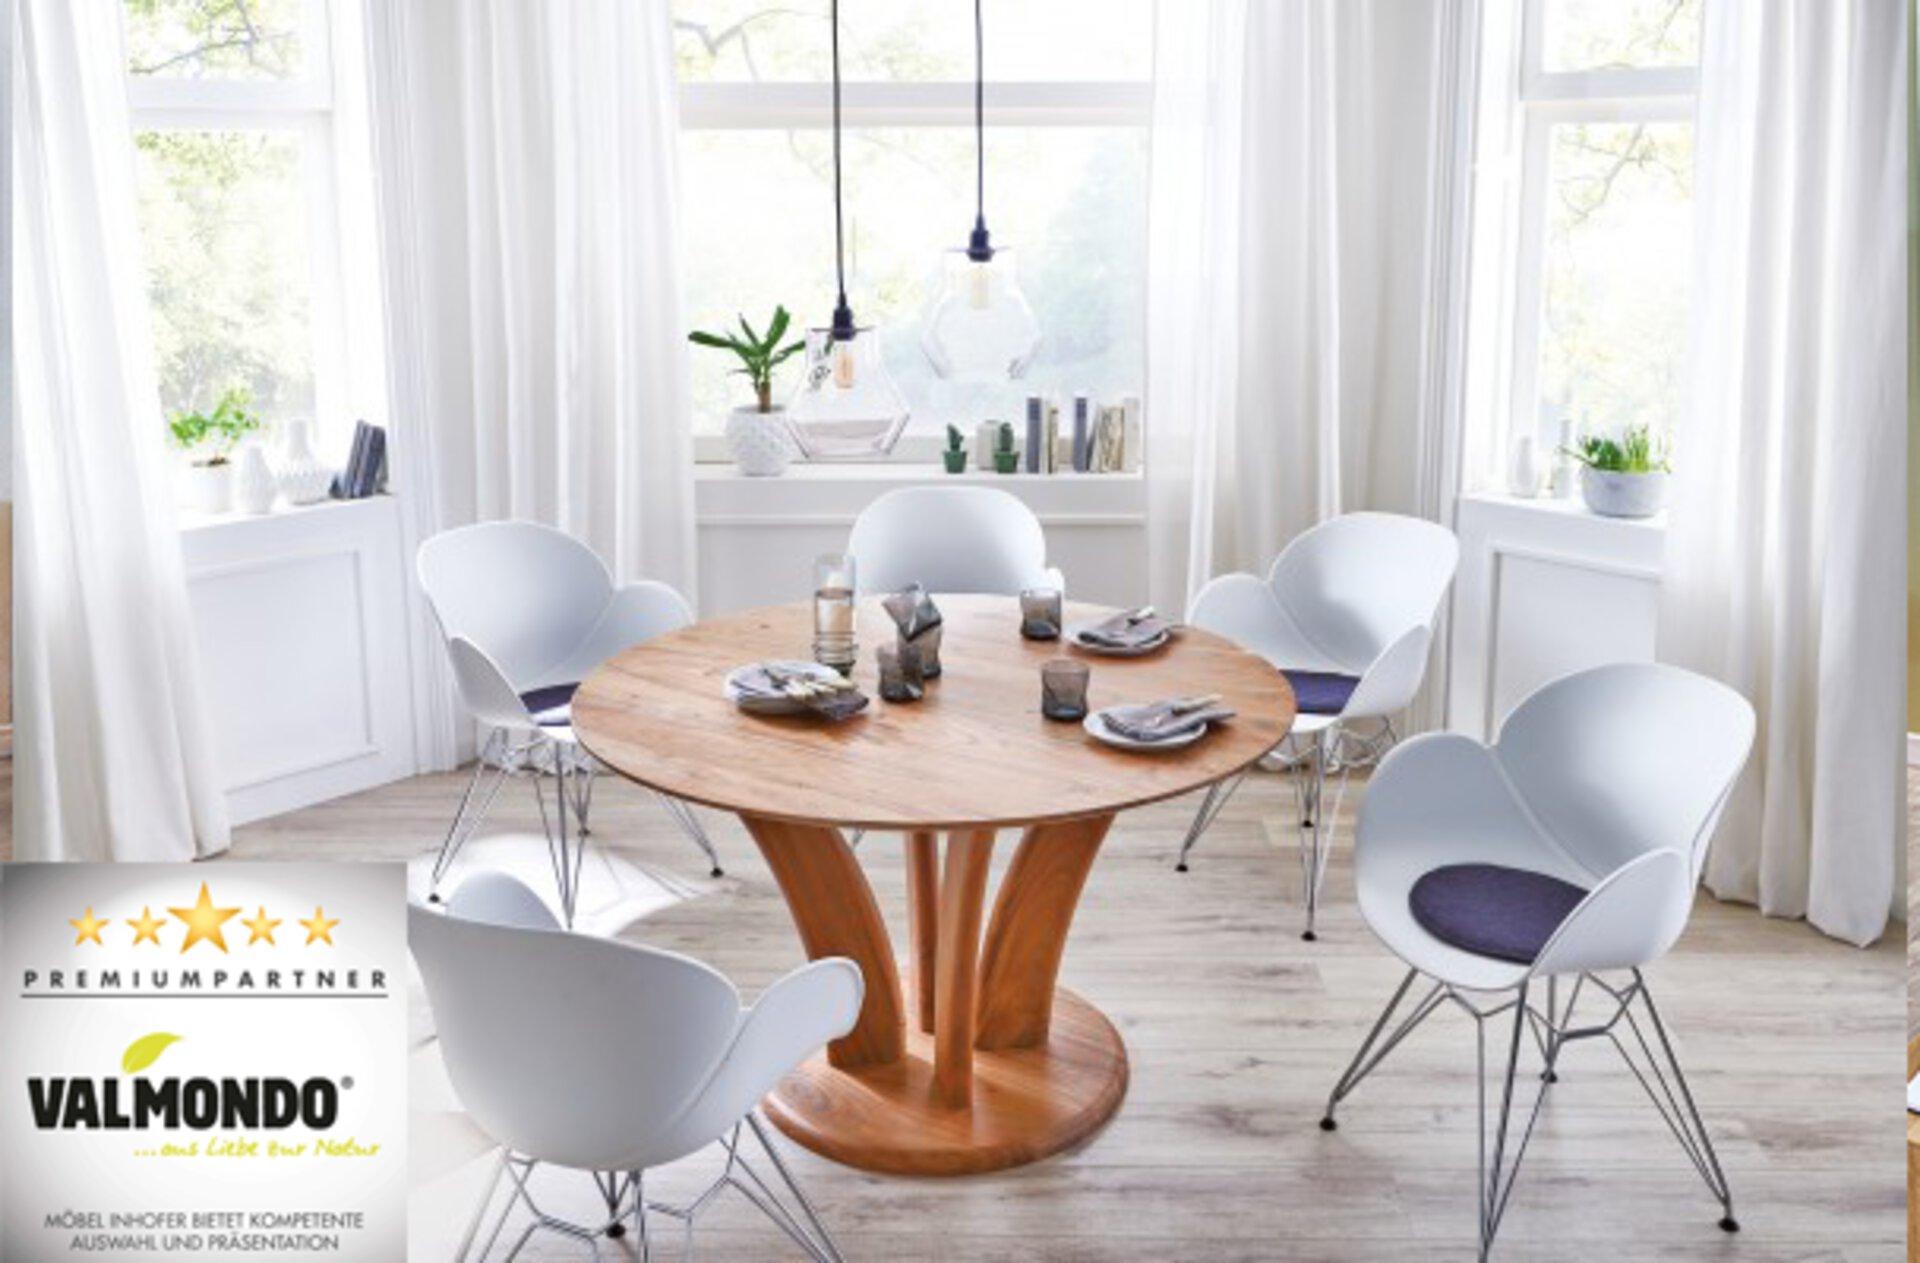 Valmondo, Möbel Inhofer, Stühle, Tisch, Esszimmer